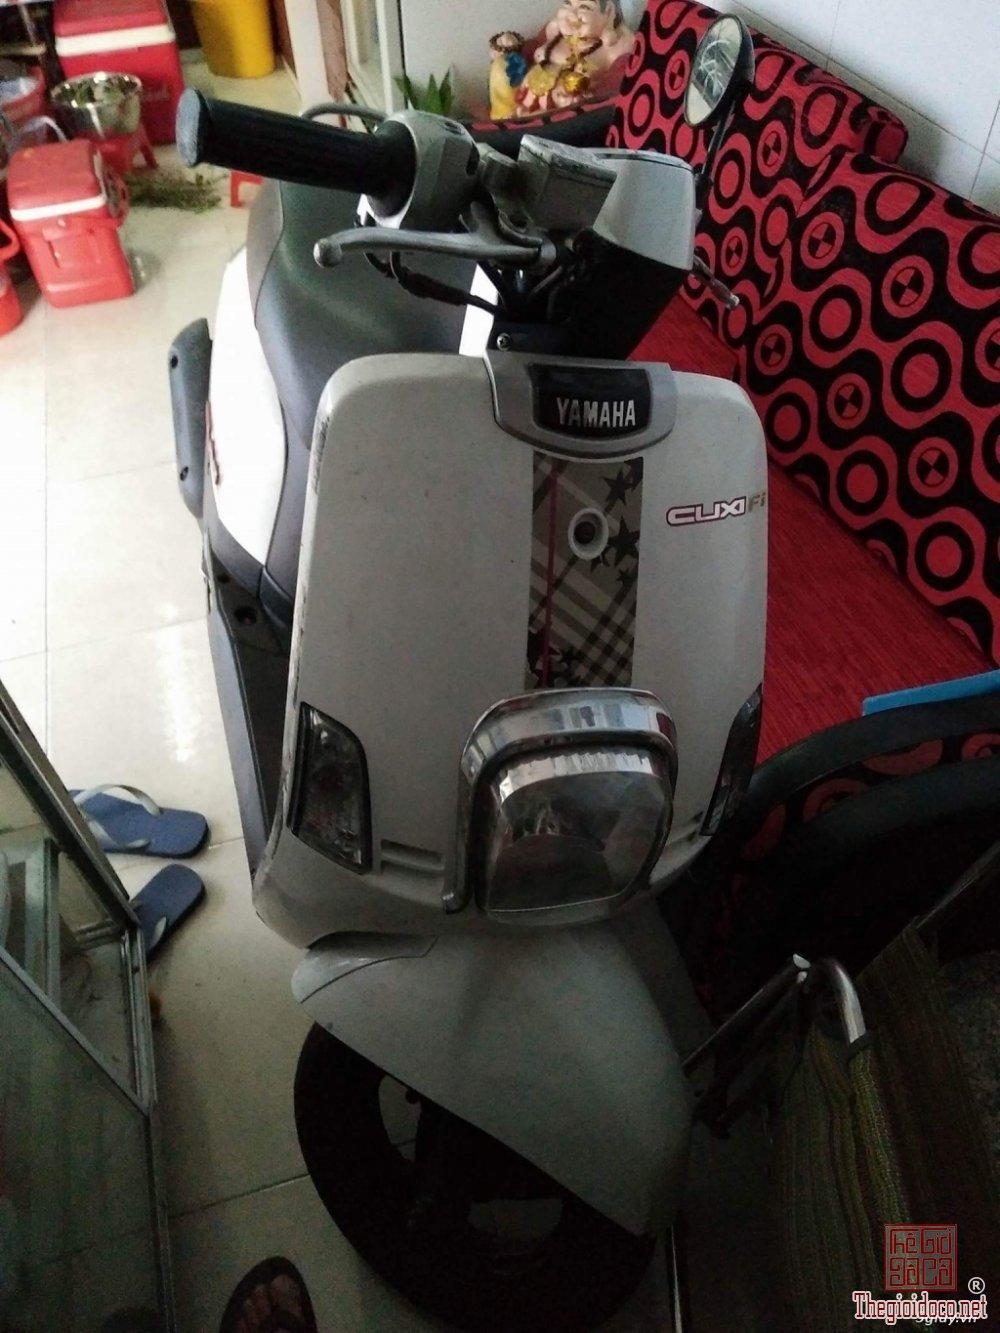 Cuxi Yamaha (1).jpeg